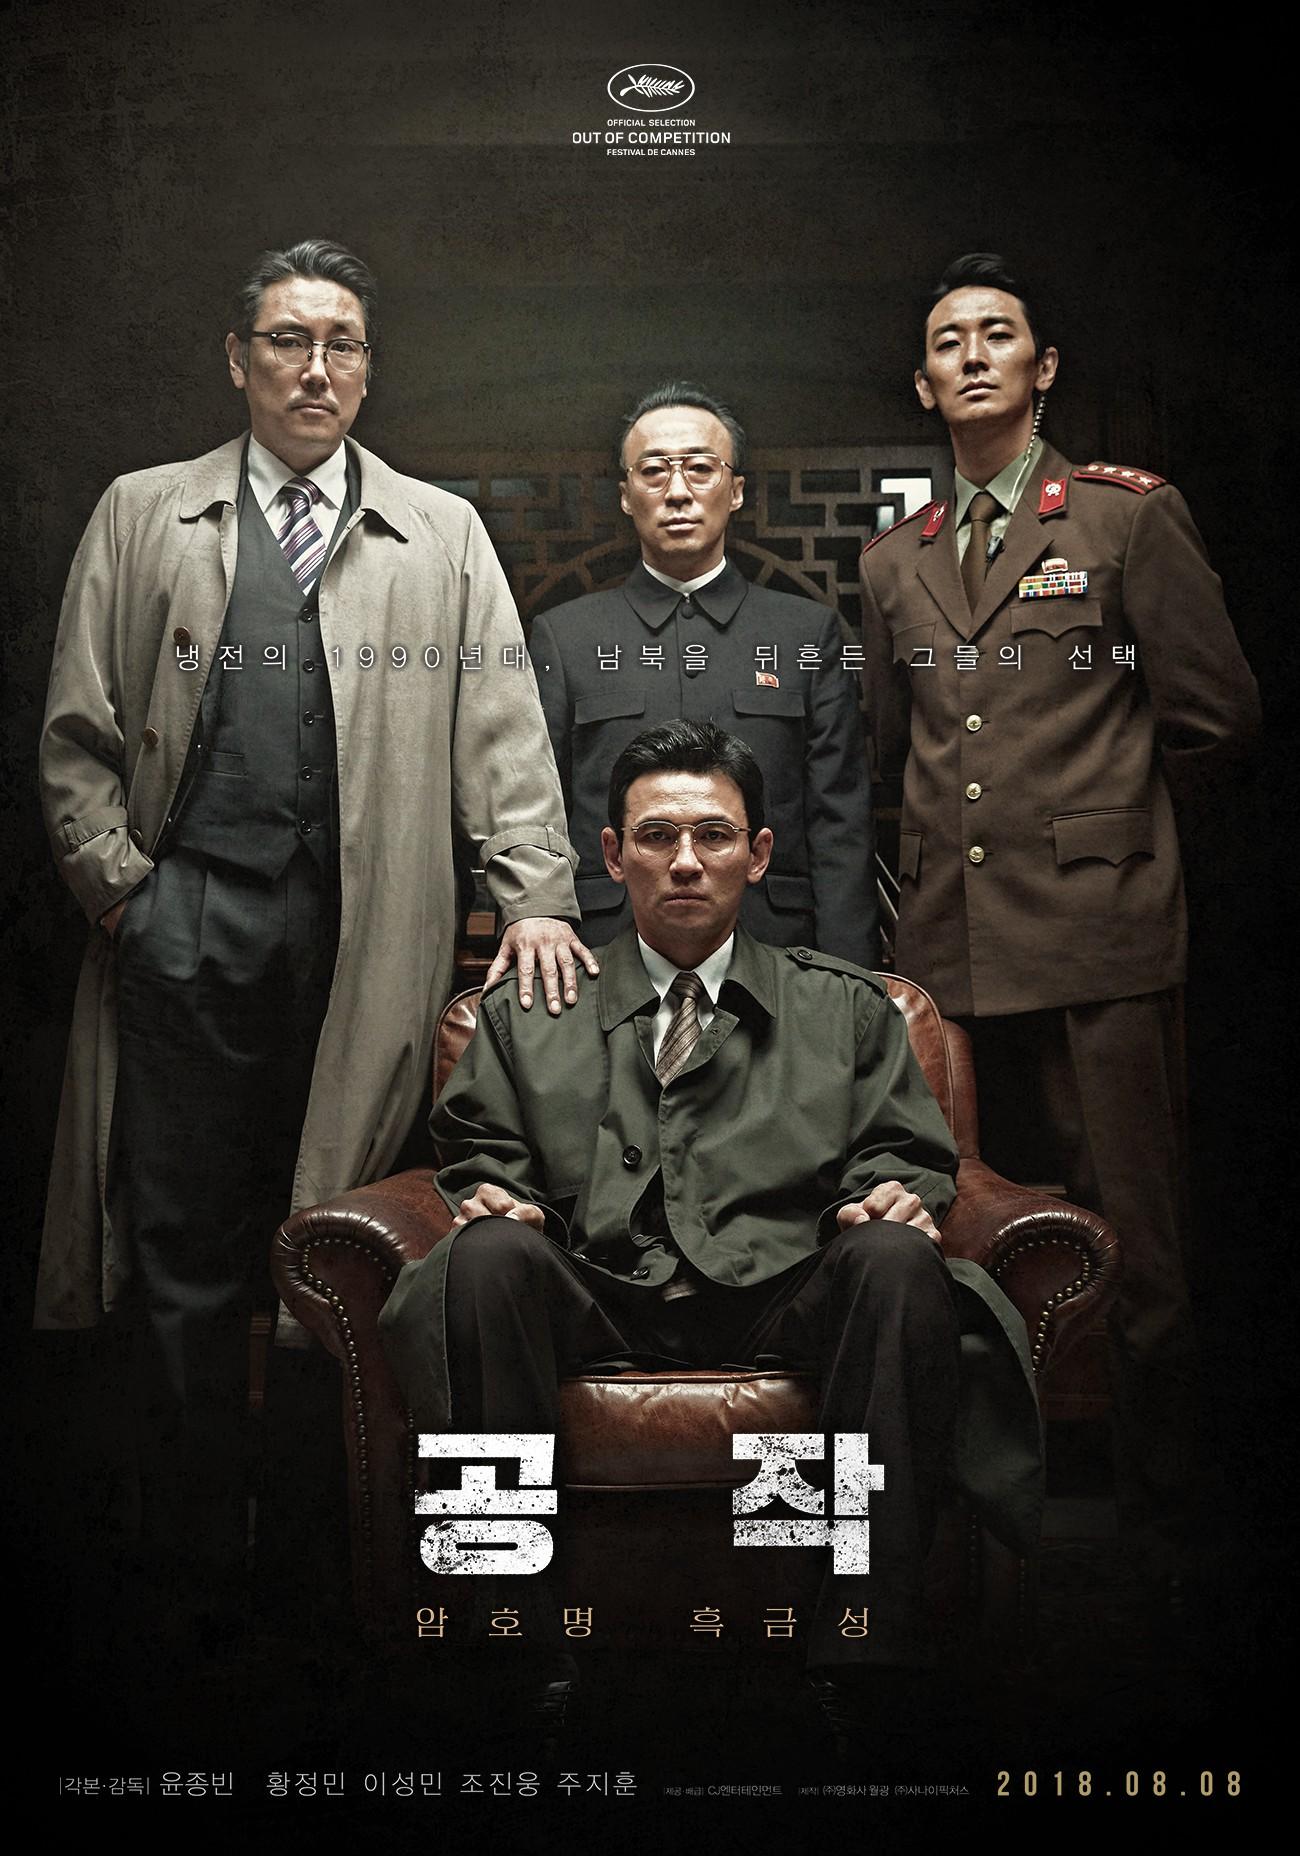 Gần 10 năm hậu scandal, Thái tử Shin đã trở lại thời hoàng kim đầy ngoạn mục! - Ảnh 7.